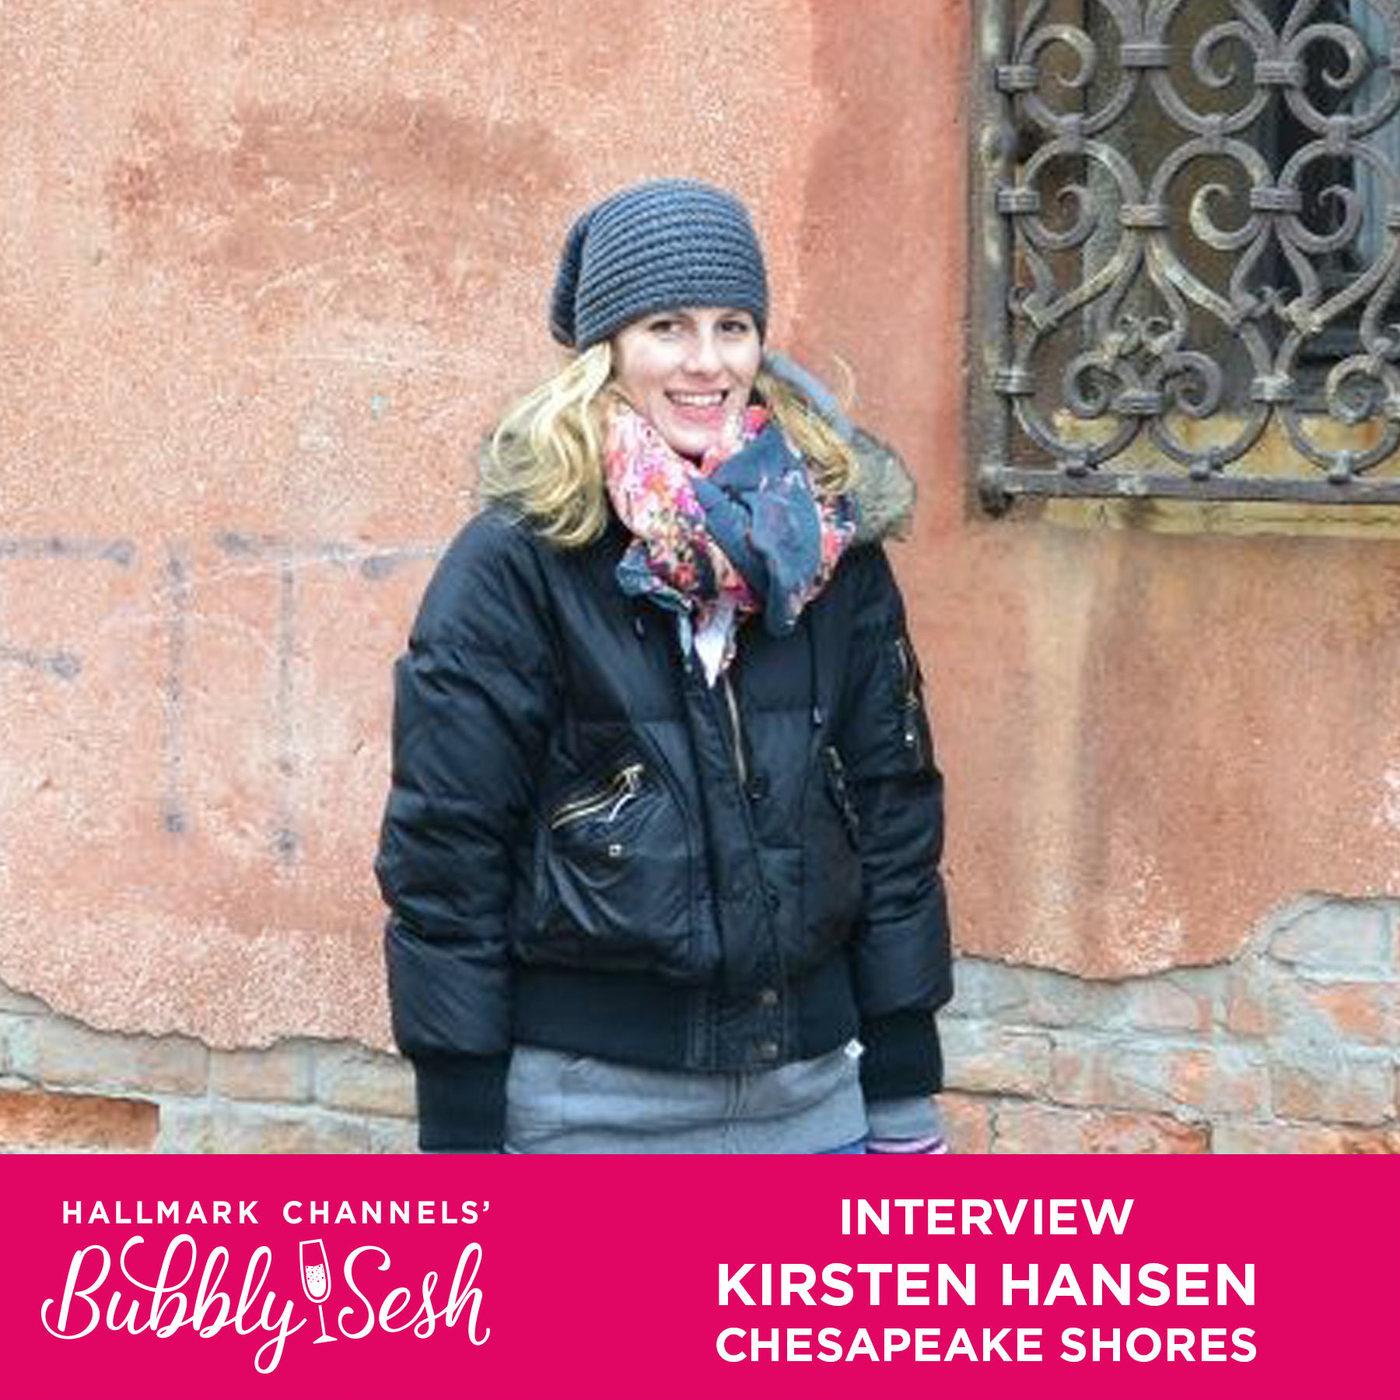 Kirsten Hansen Interview - Chesapeake Shores